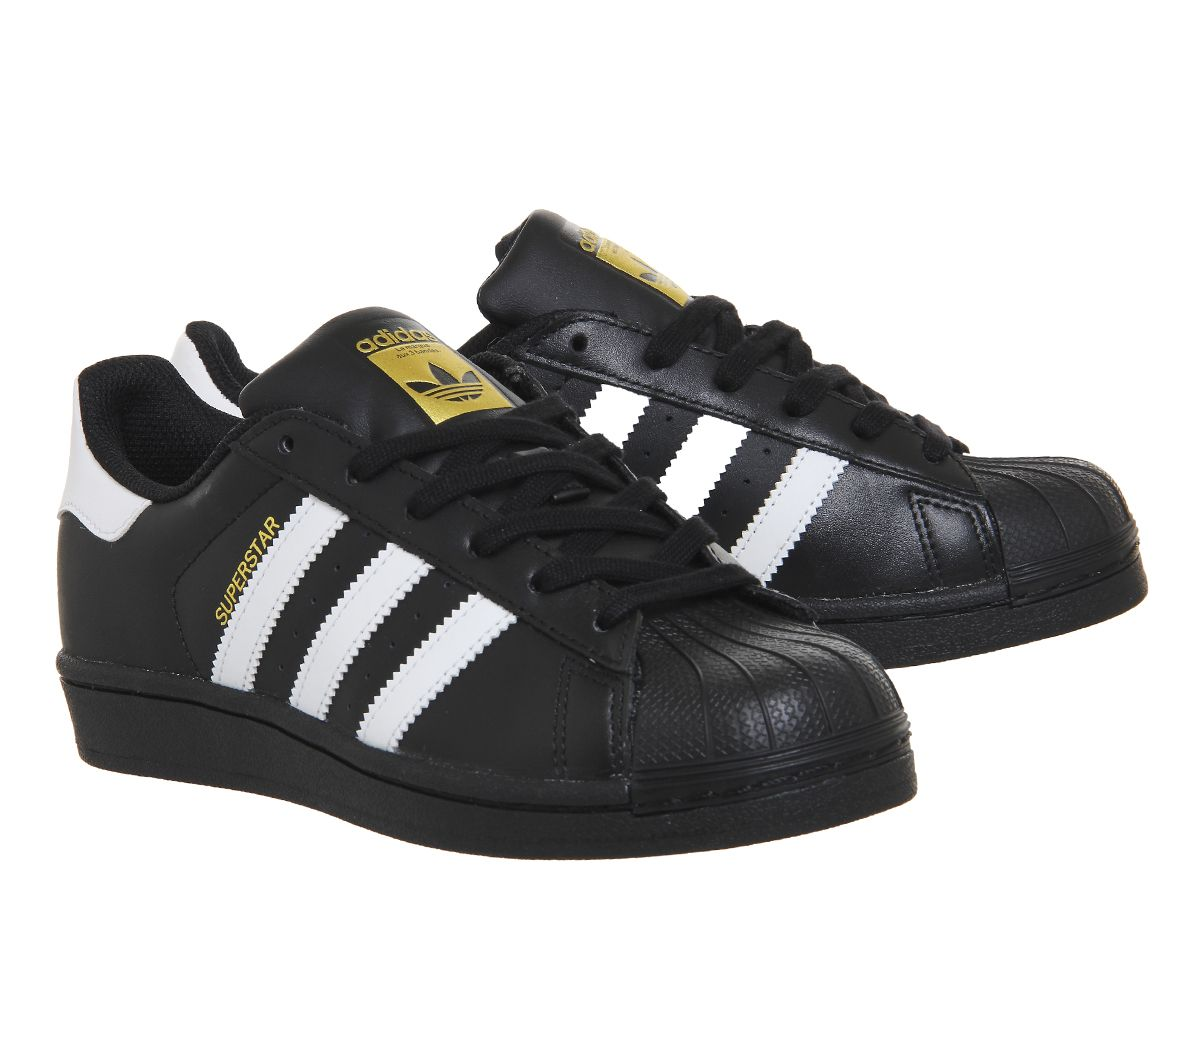 Detalles de Adidas Superstar 1 Negro Blanco Foundation Zapatillas Zapatos ver título original